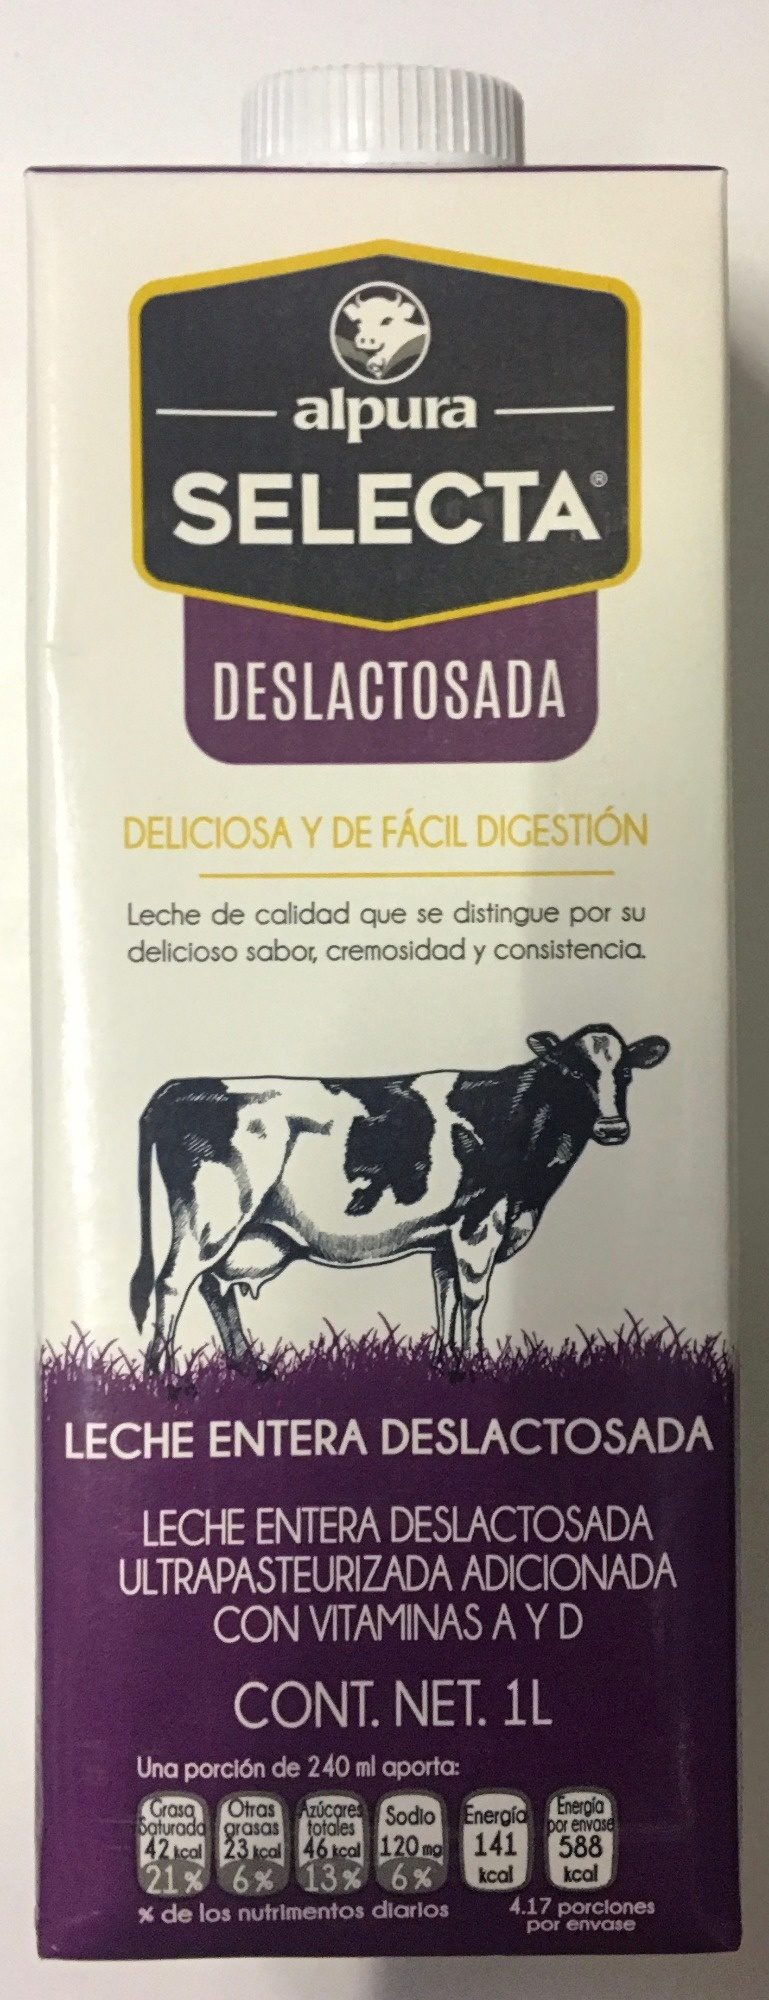 Alpura Selecta Deslactosada - Producto - es